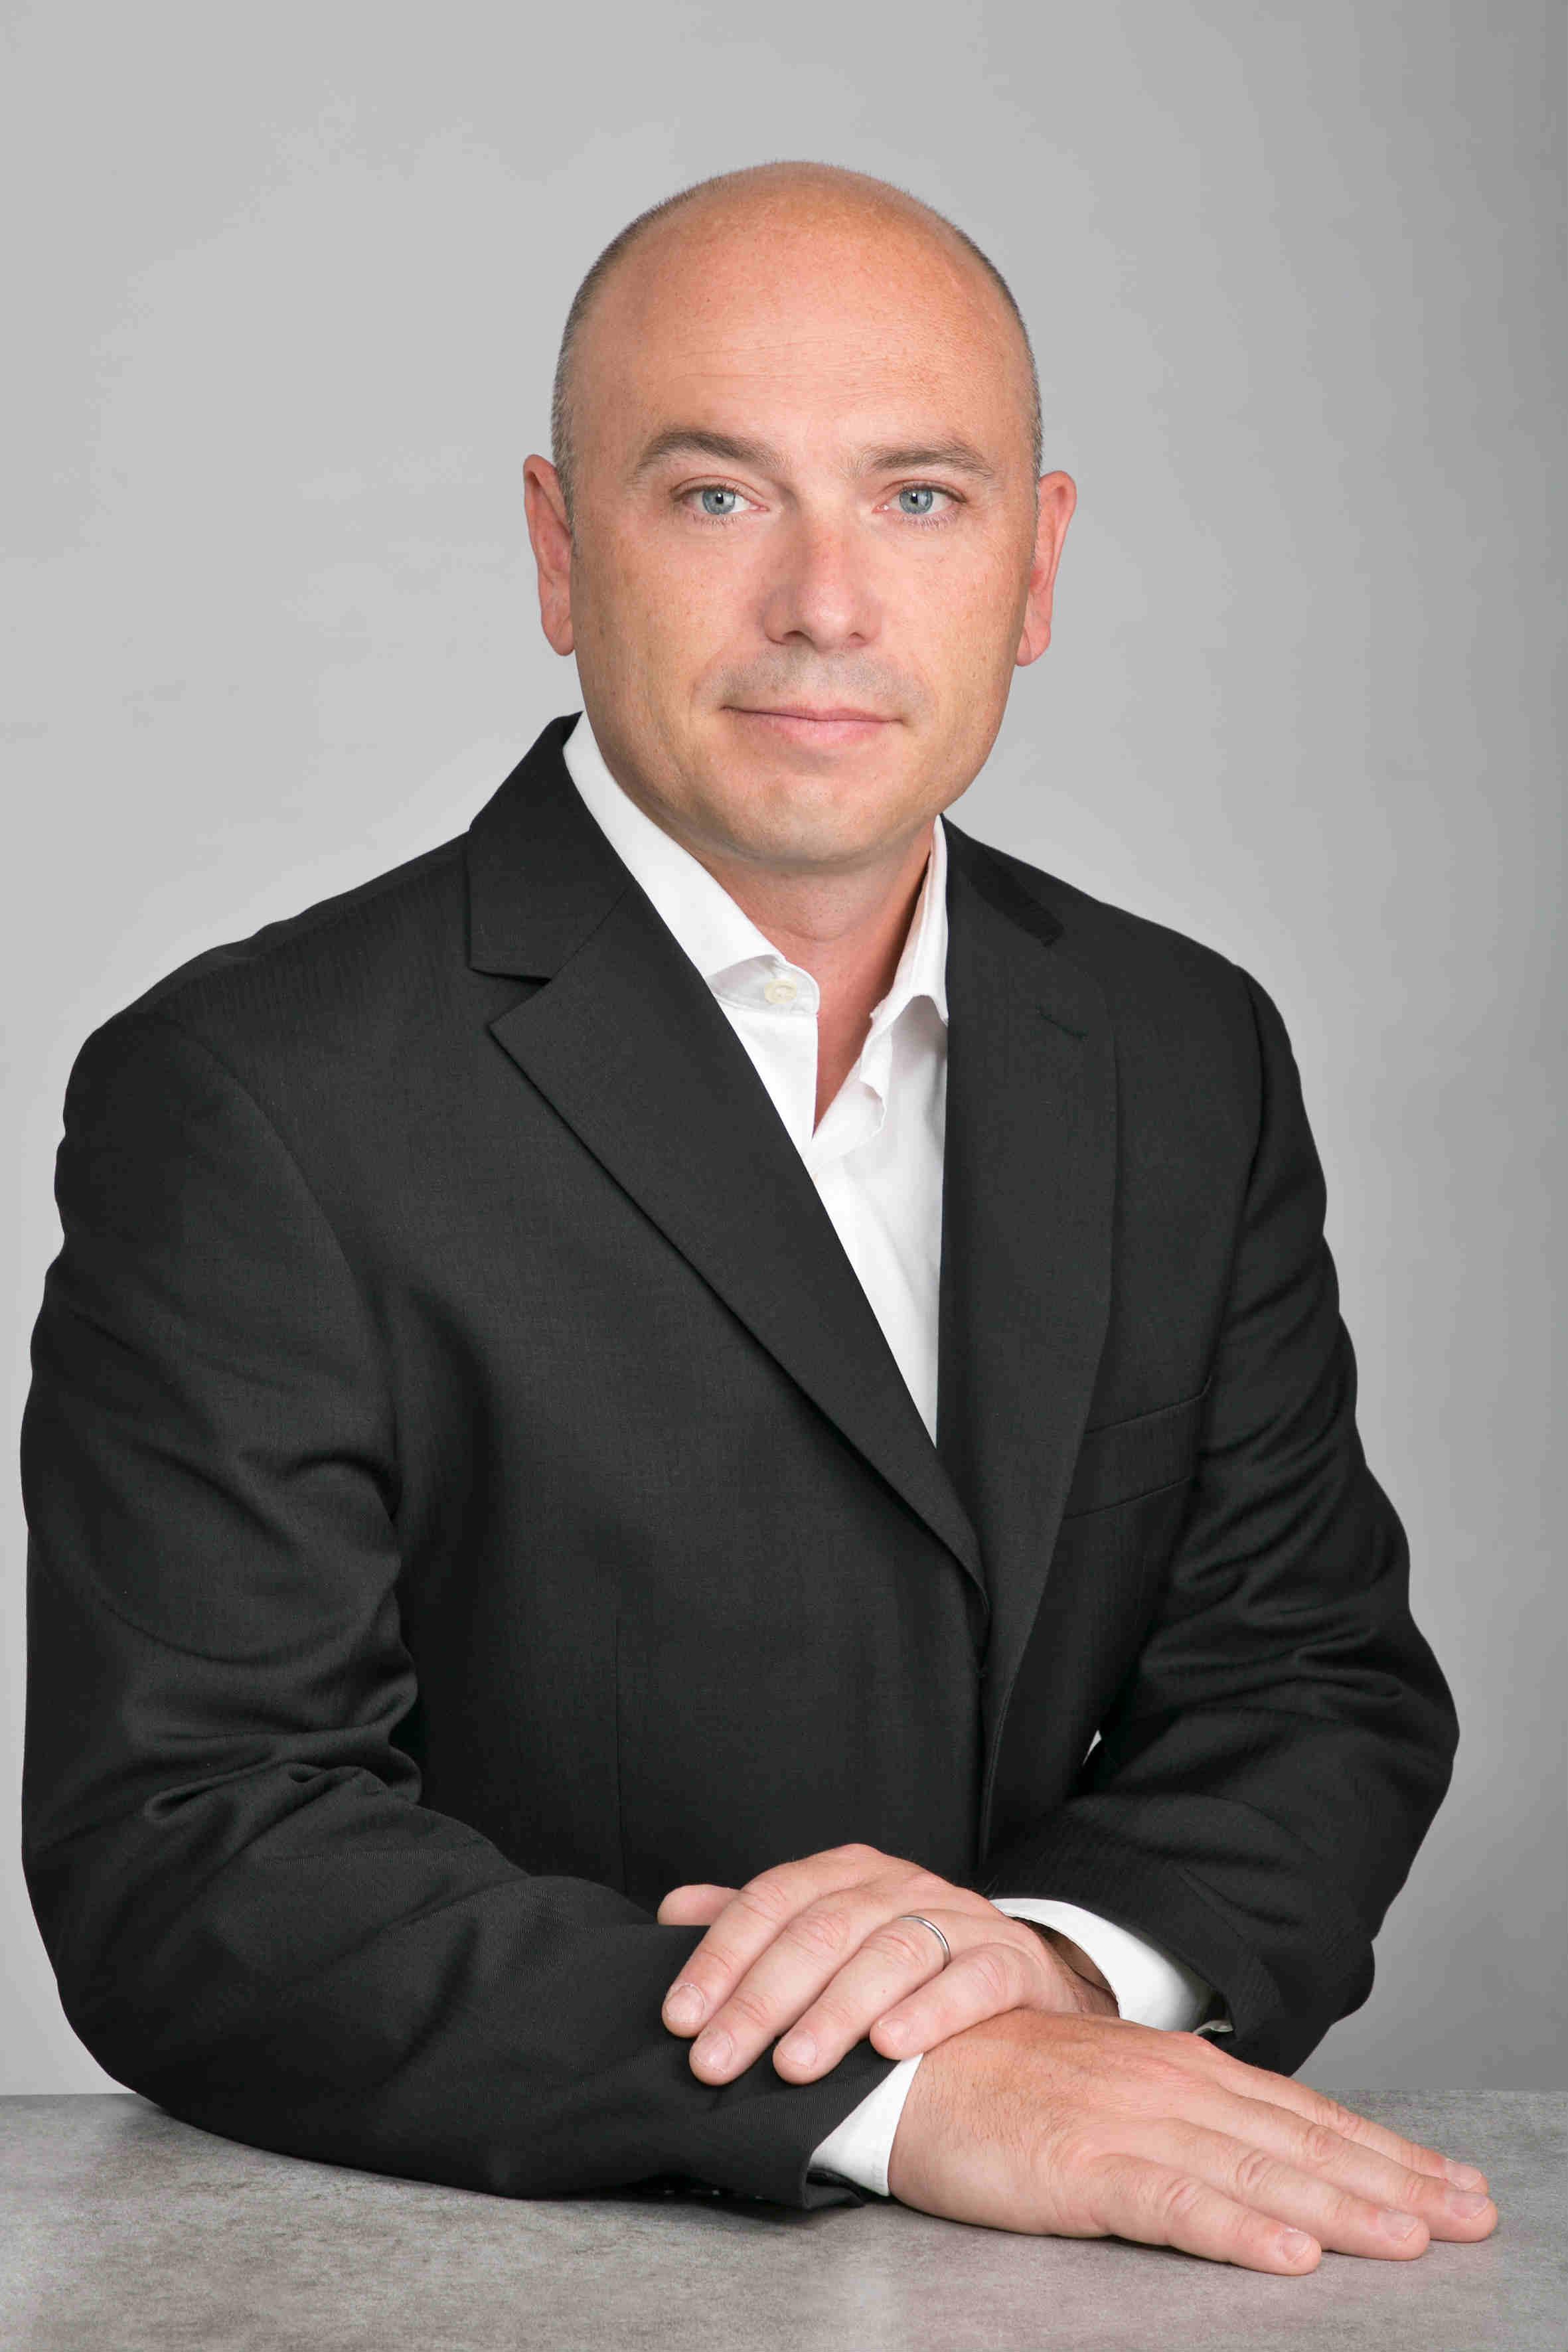 Docteur Boutaud-Terrefort - Clinique de la hanche et du genou